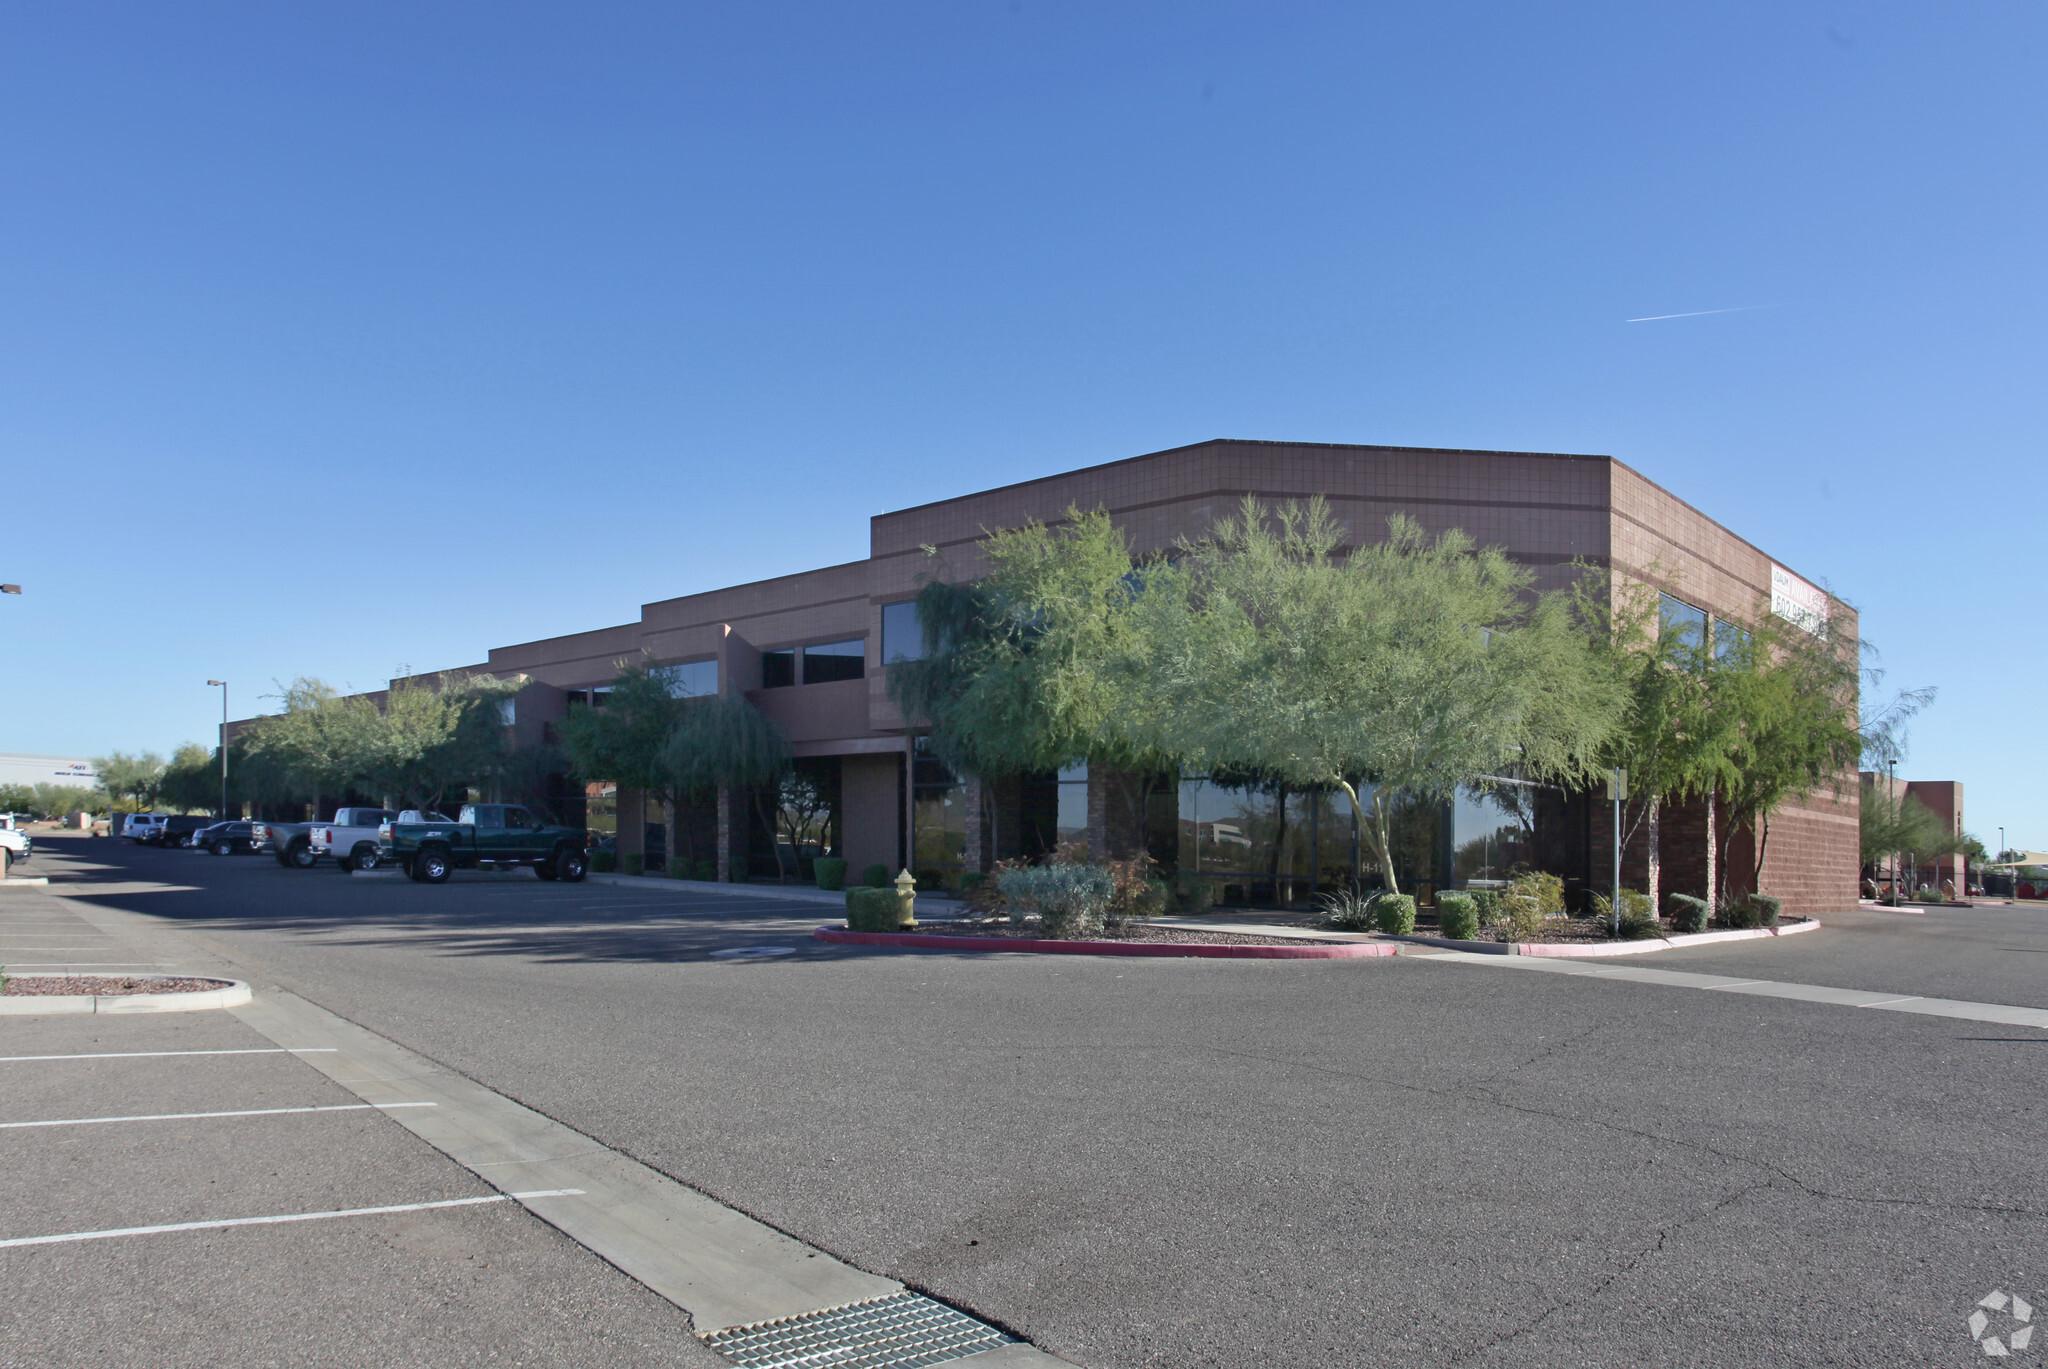 2340 W Parkside Ln - Unit H114, Phoenix AZ 85027 Industrial Condo